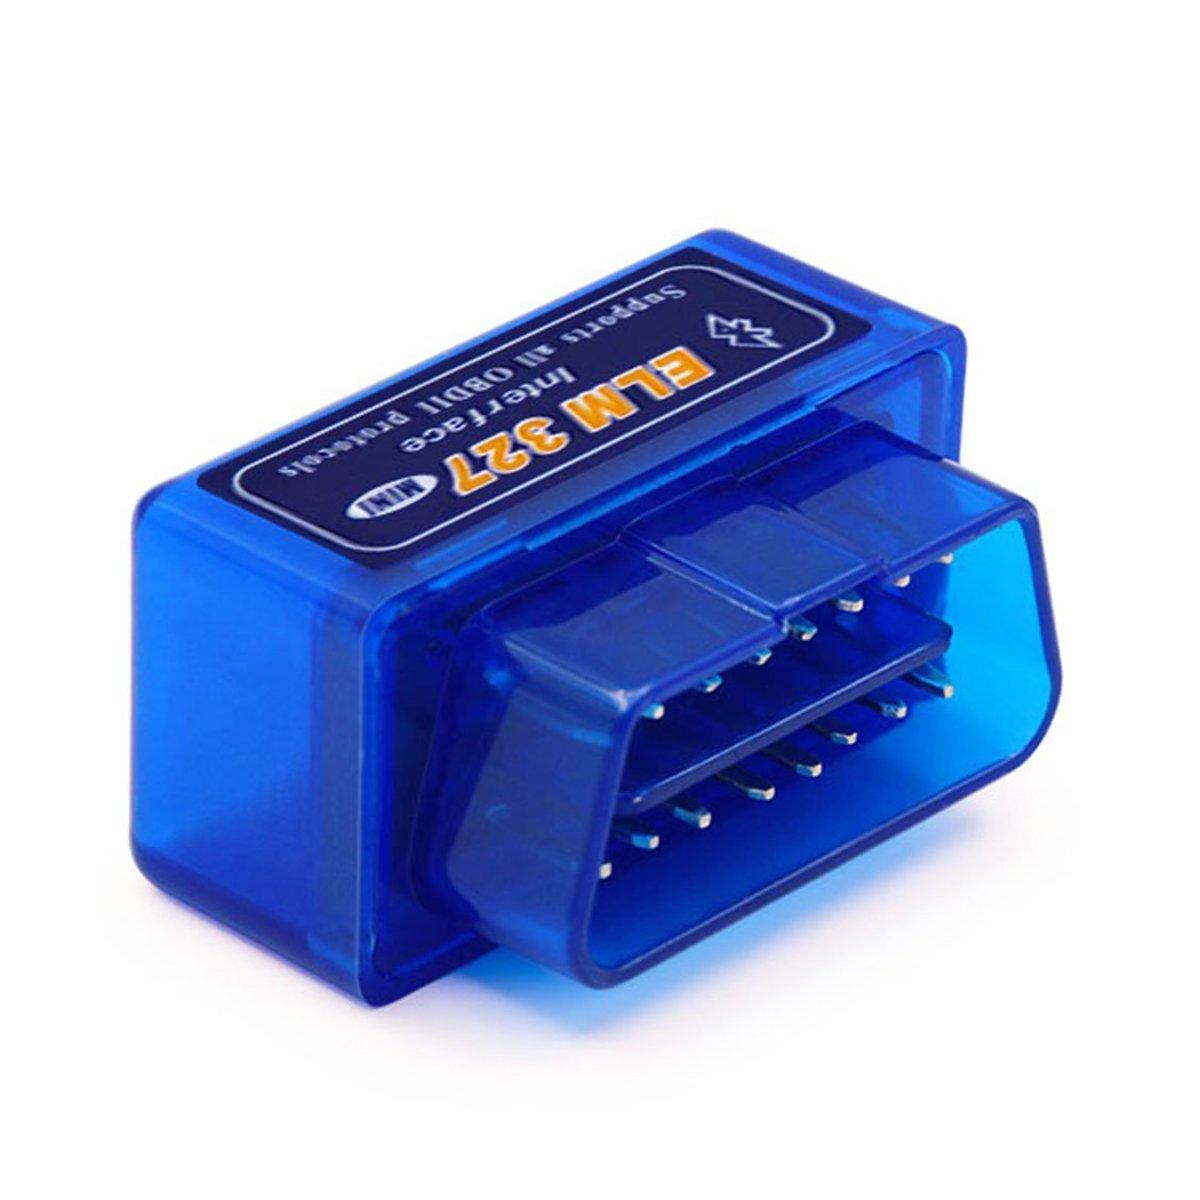 Automobilová diagnostická Bluetooth jednotka pro OBD II - ELM 327 V1.5